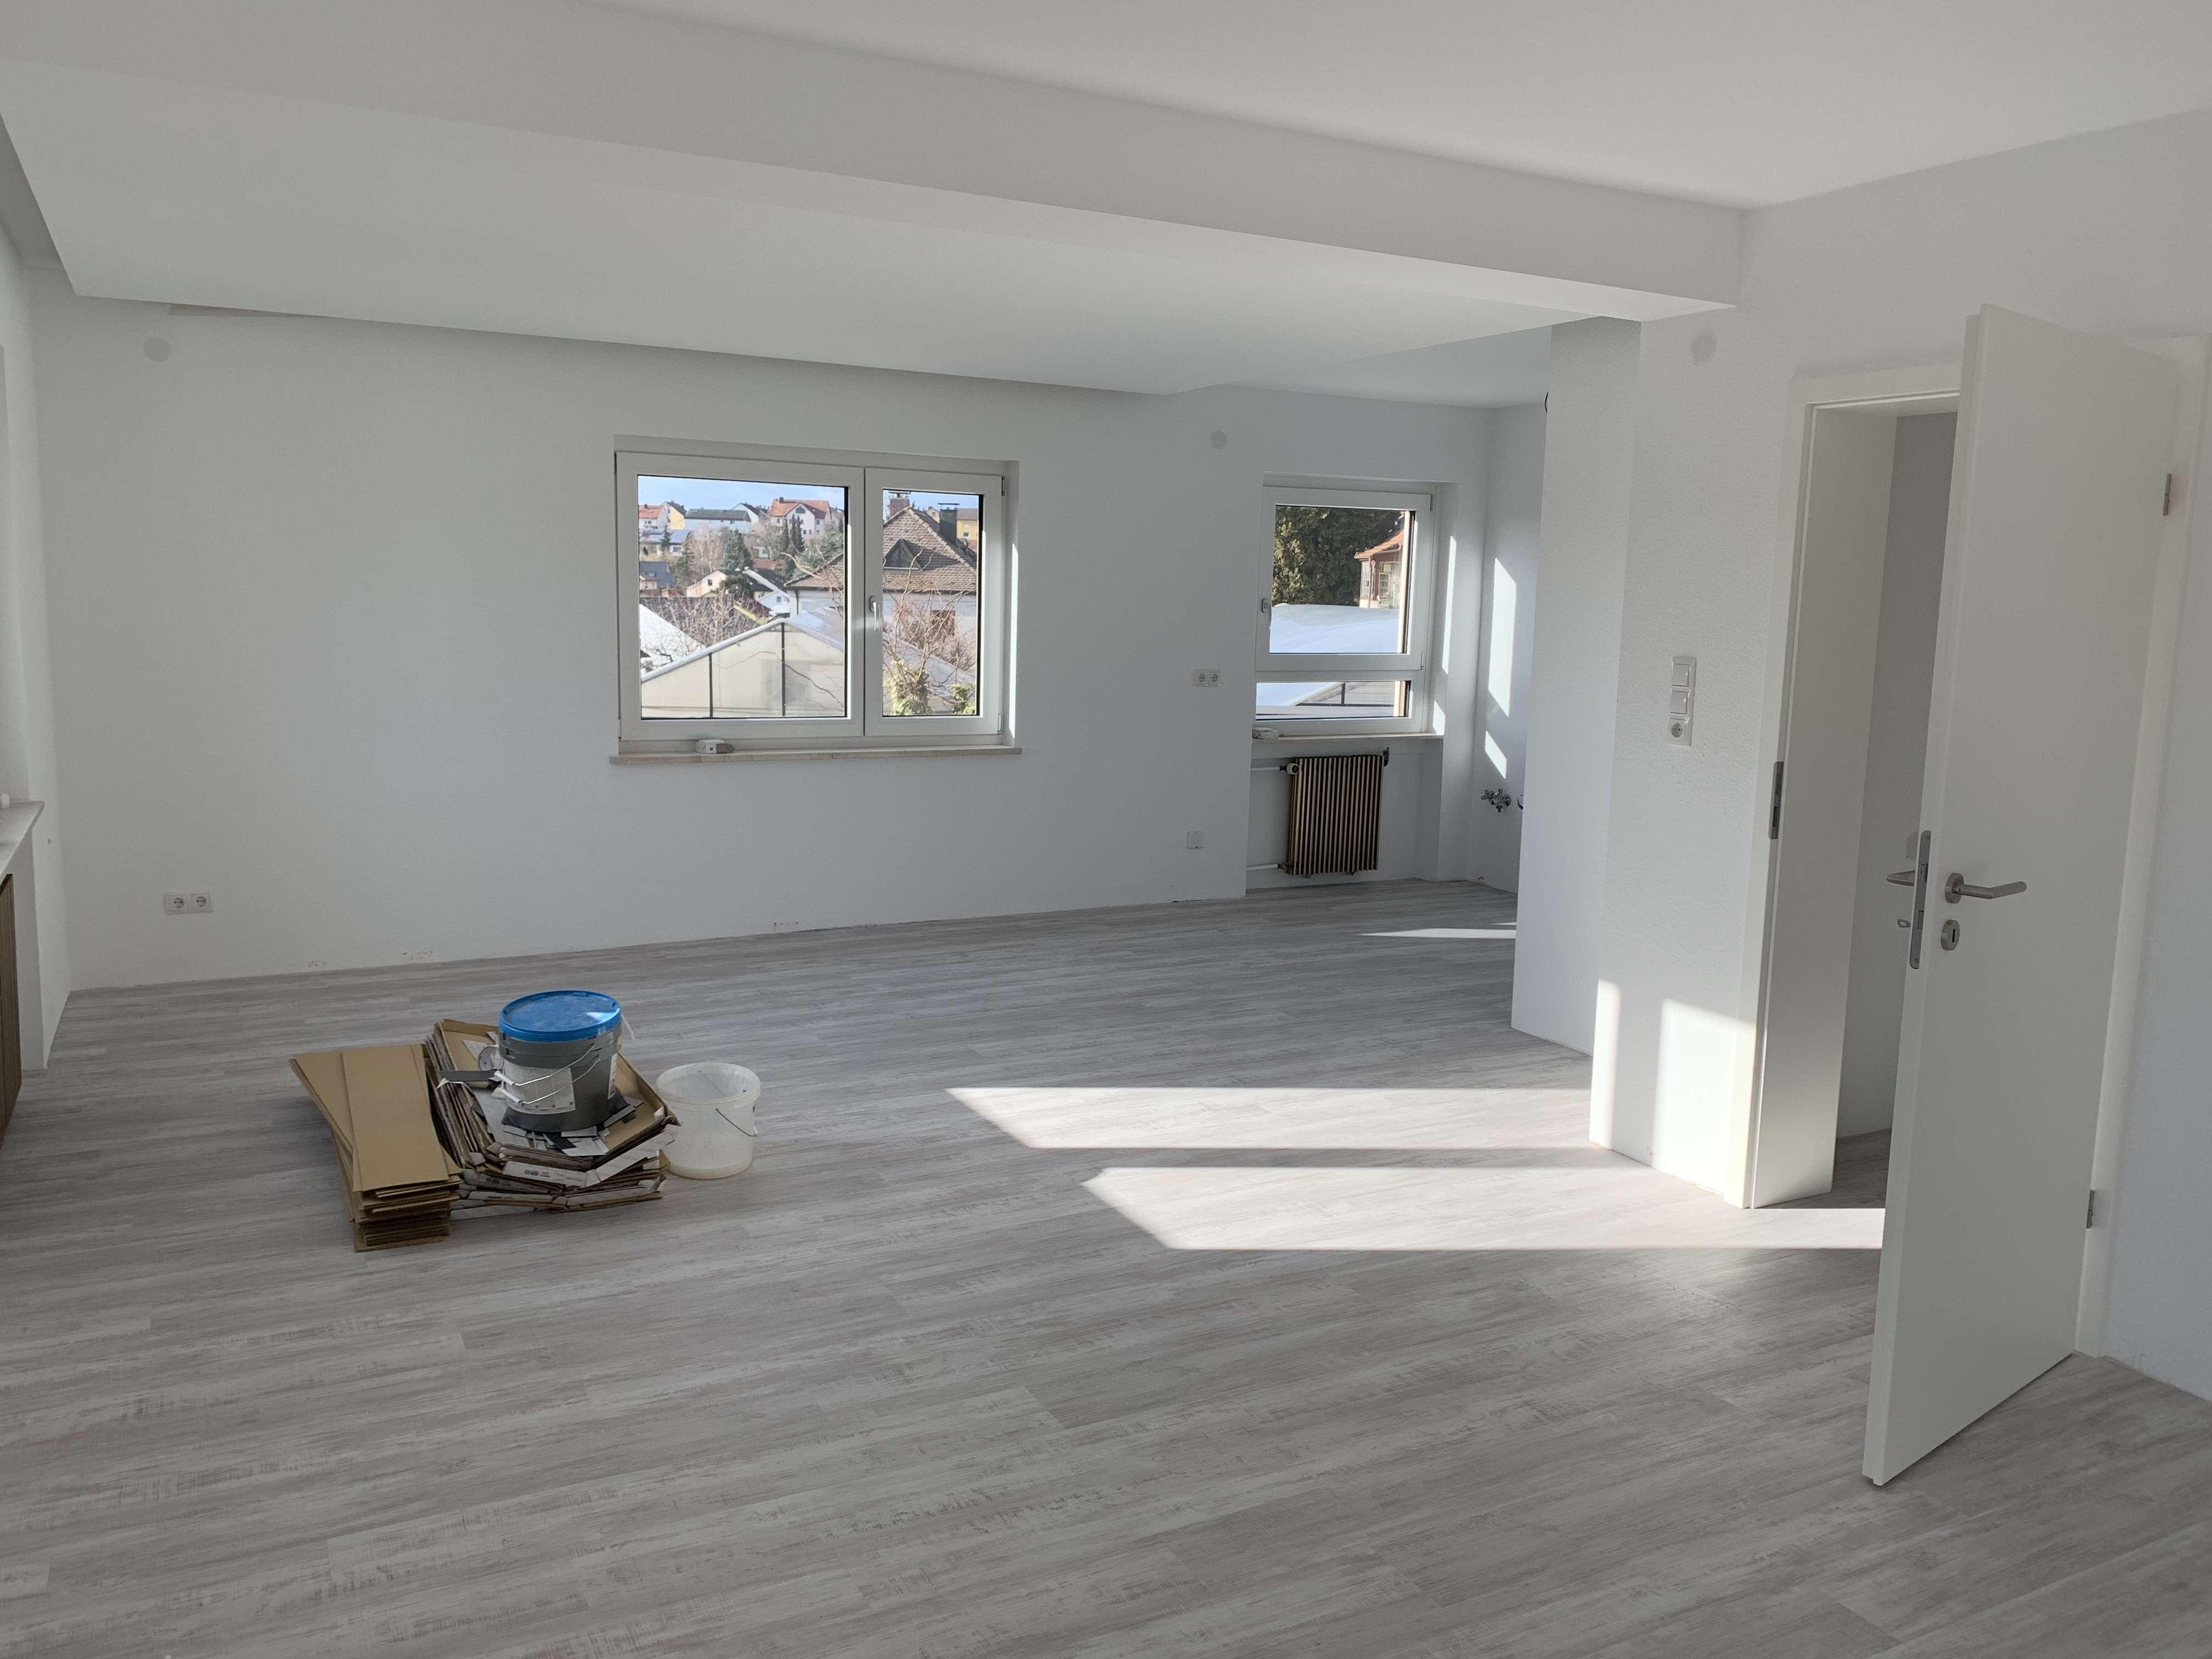 Sanierte 3-Zimmer-Wohnung mit Balkon in Estenfeld in